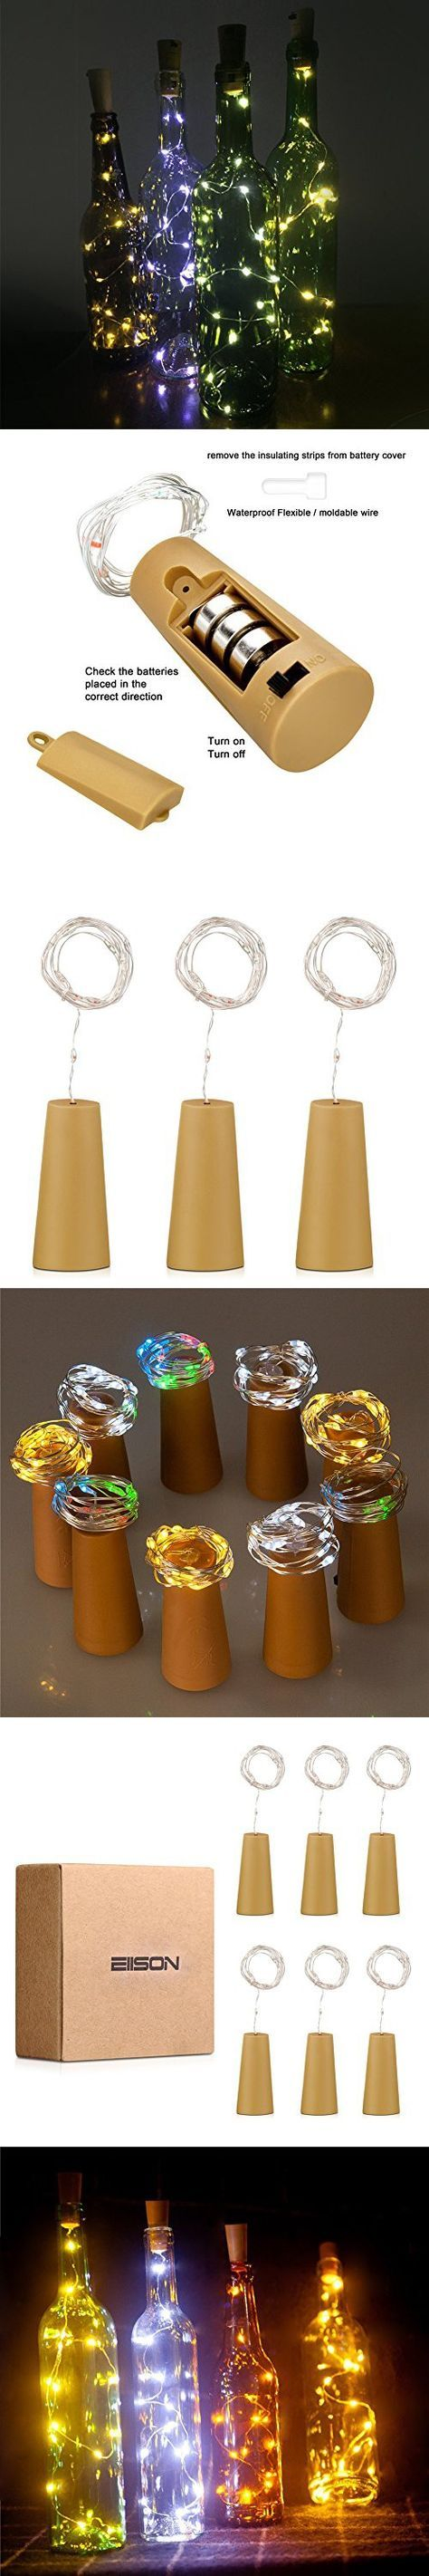 Best 25+ Bottle lamp kit ideas on Pinterest | Diy bottle lamp ...